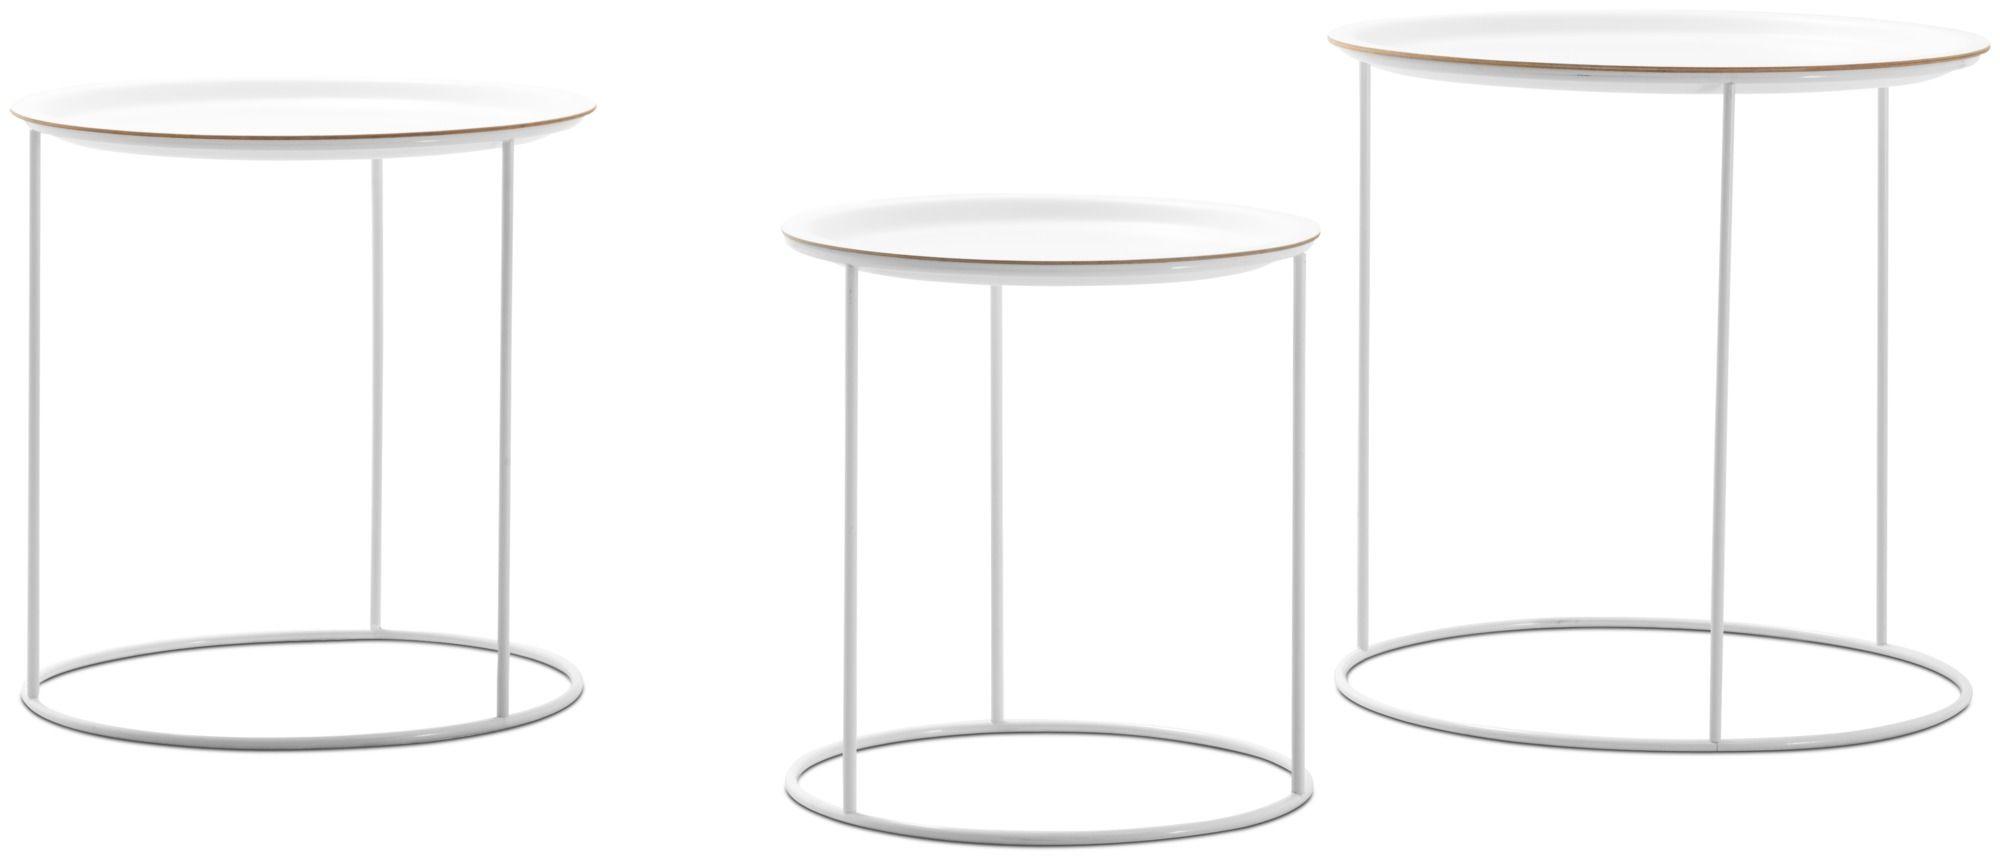 Beistelltische Aus Glas design beistelltische aus holz glas kaufen boconcept